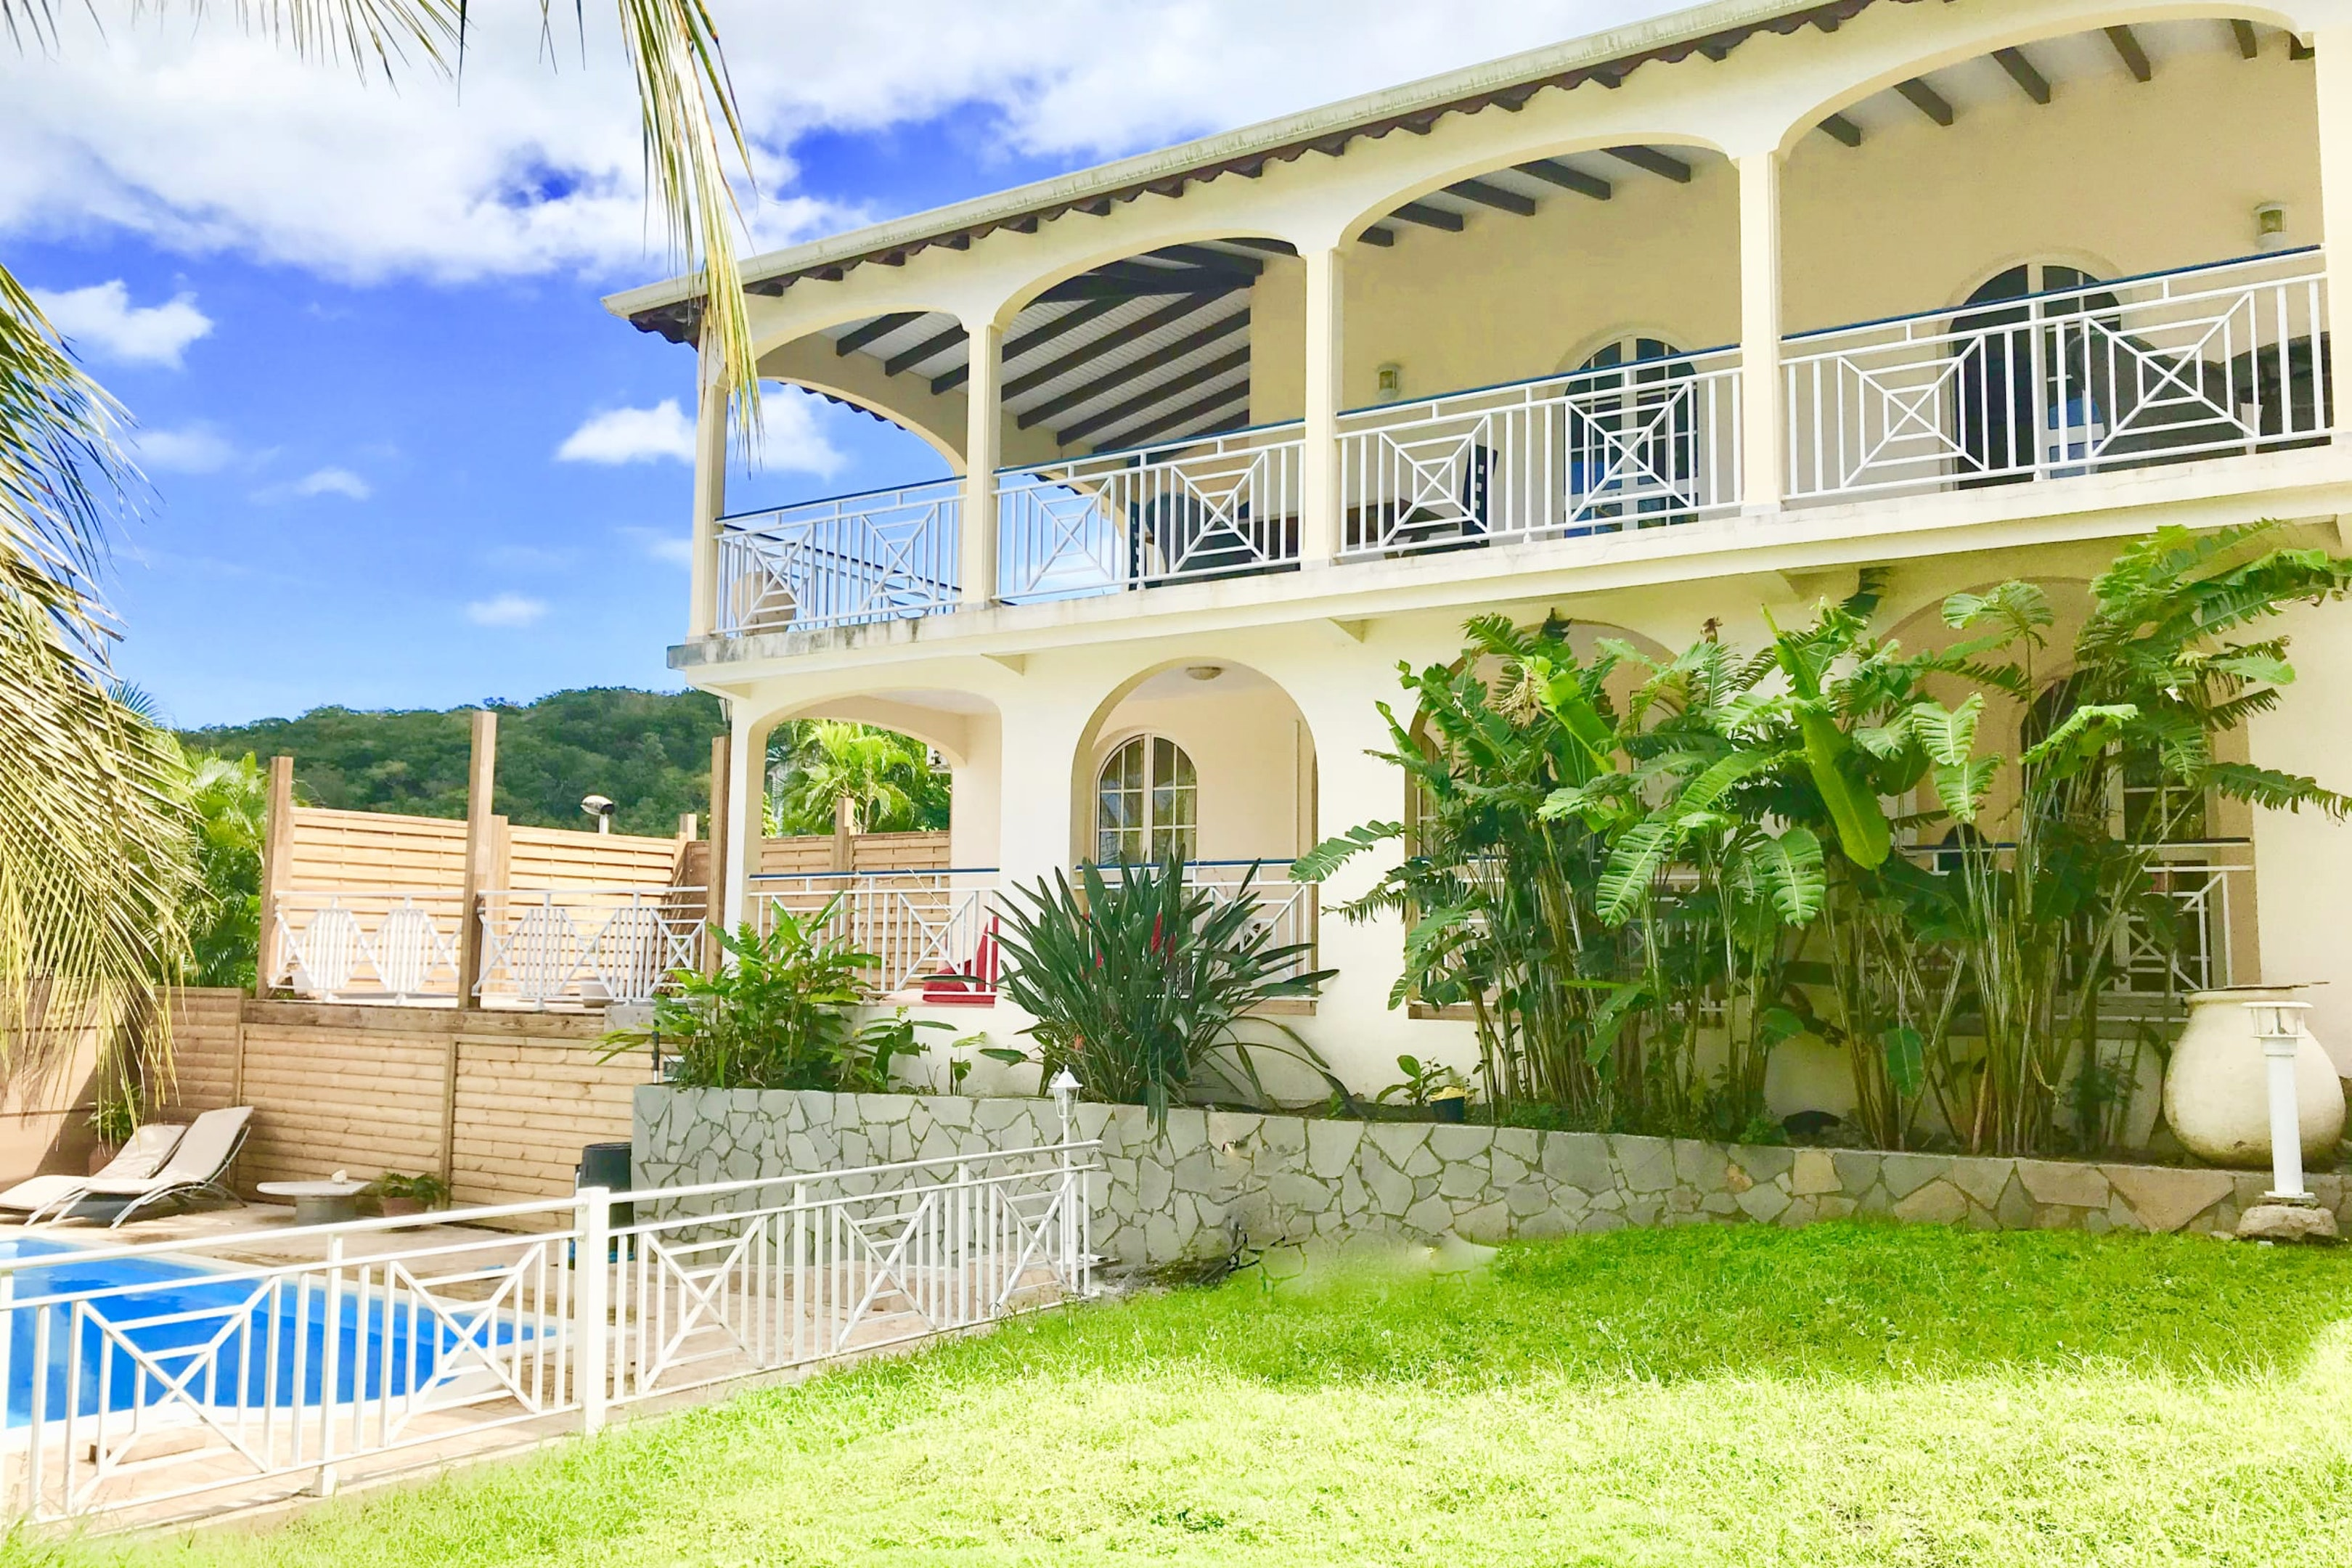 Villa mit 5 Schlafzimmern in Deshaies mit herrlich Villa in Mittelamerika und Karibik